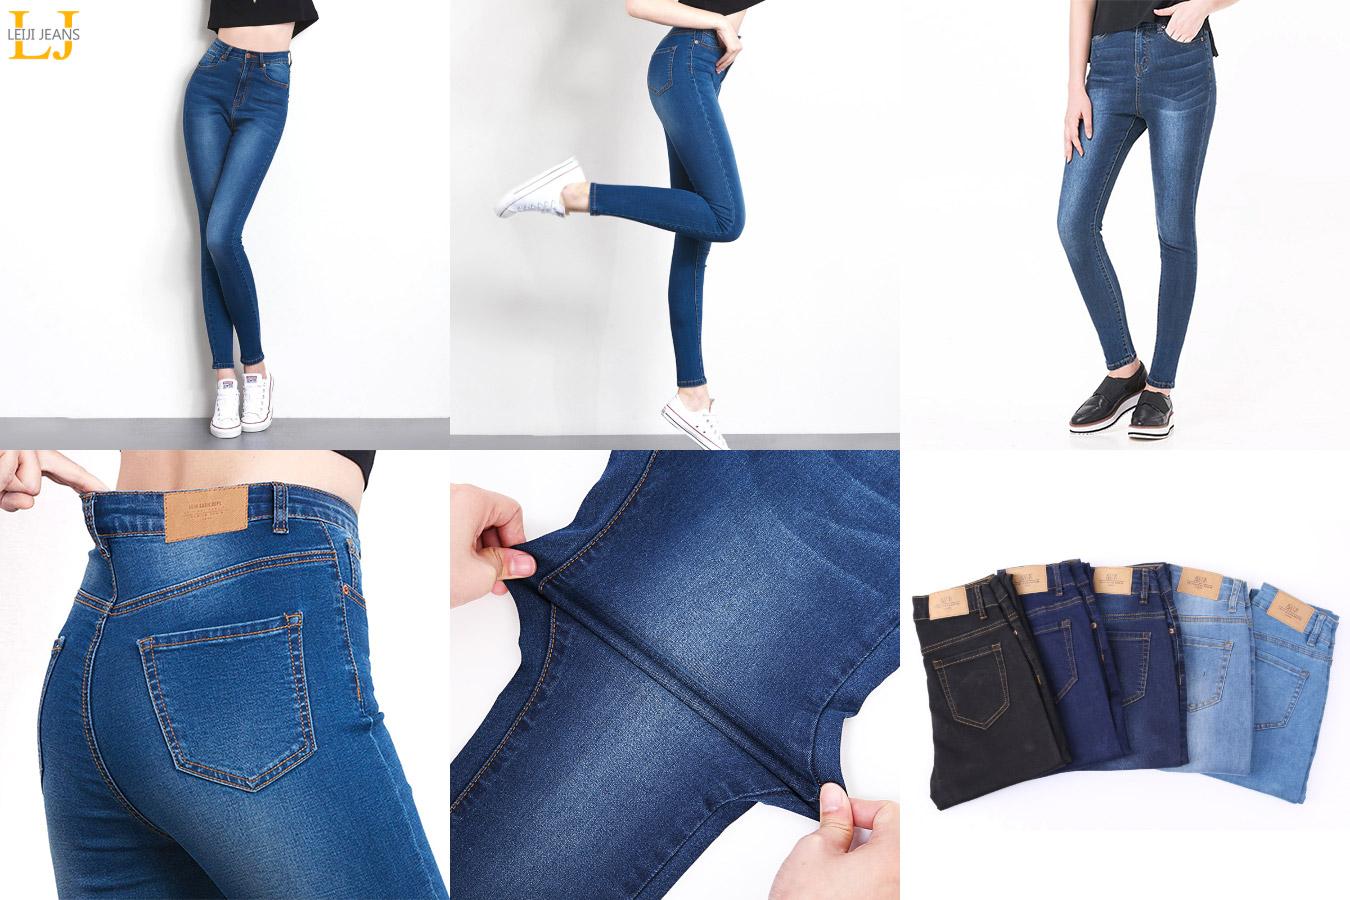 Узкие джинсы скини для стройняшек